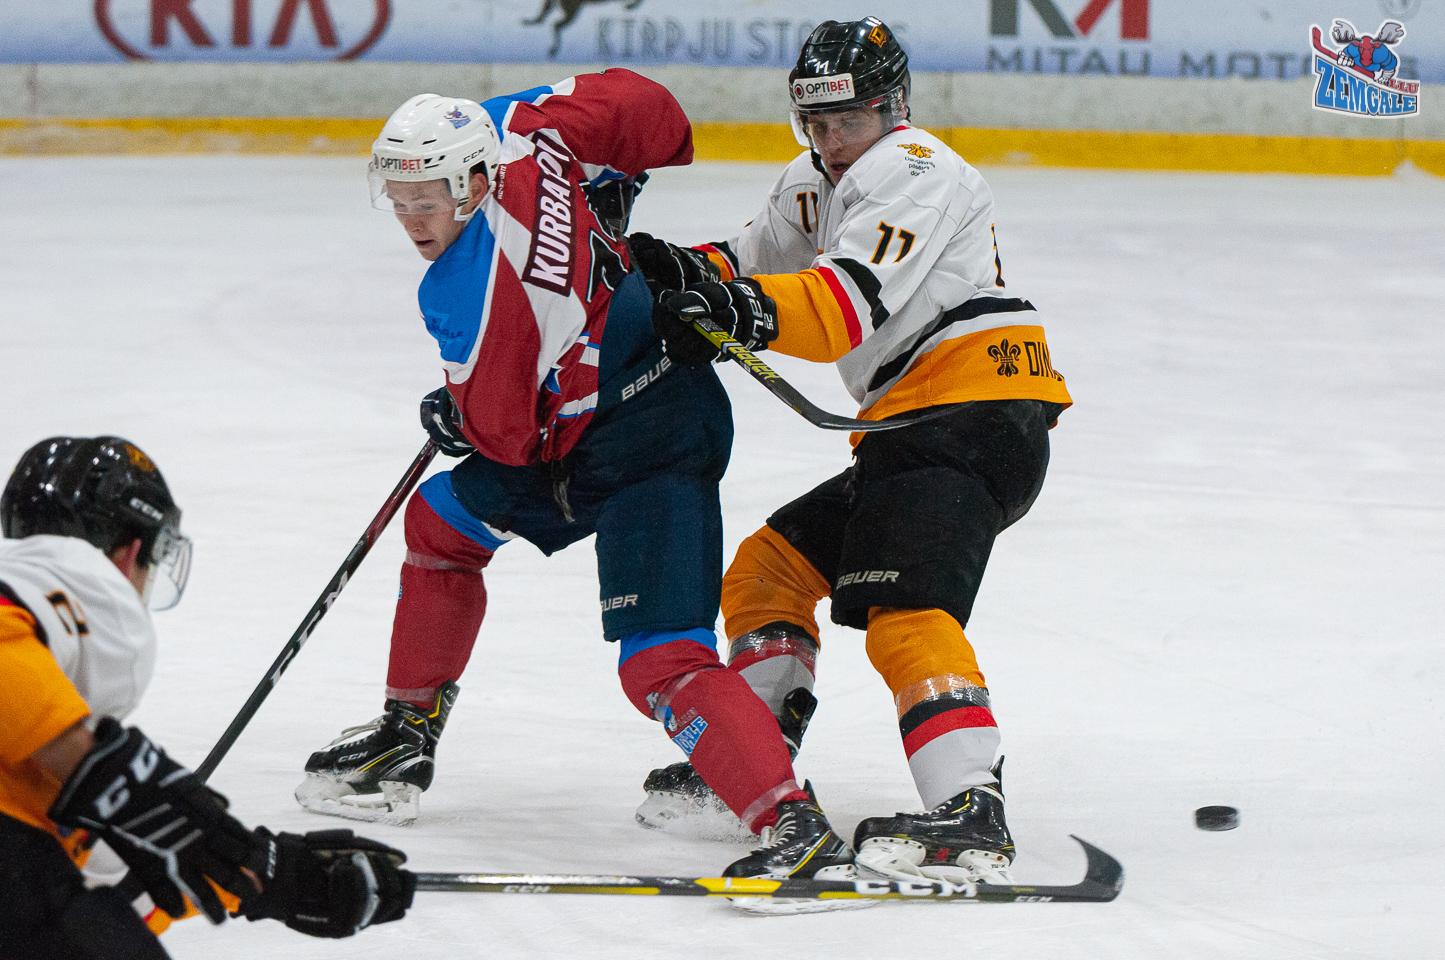 Viens hokejist grūž otru mugurā, kamēr cits spēlētājs raida prom ripu